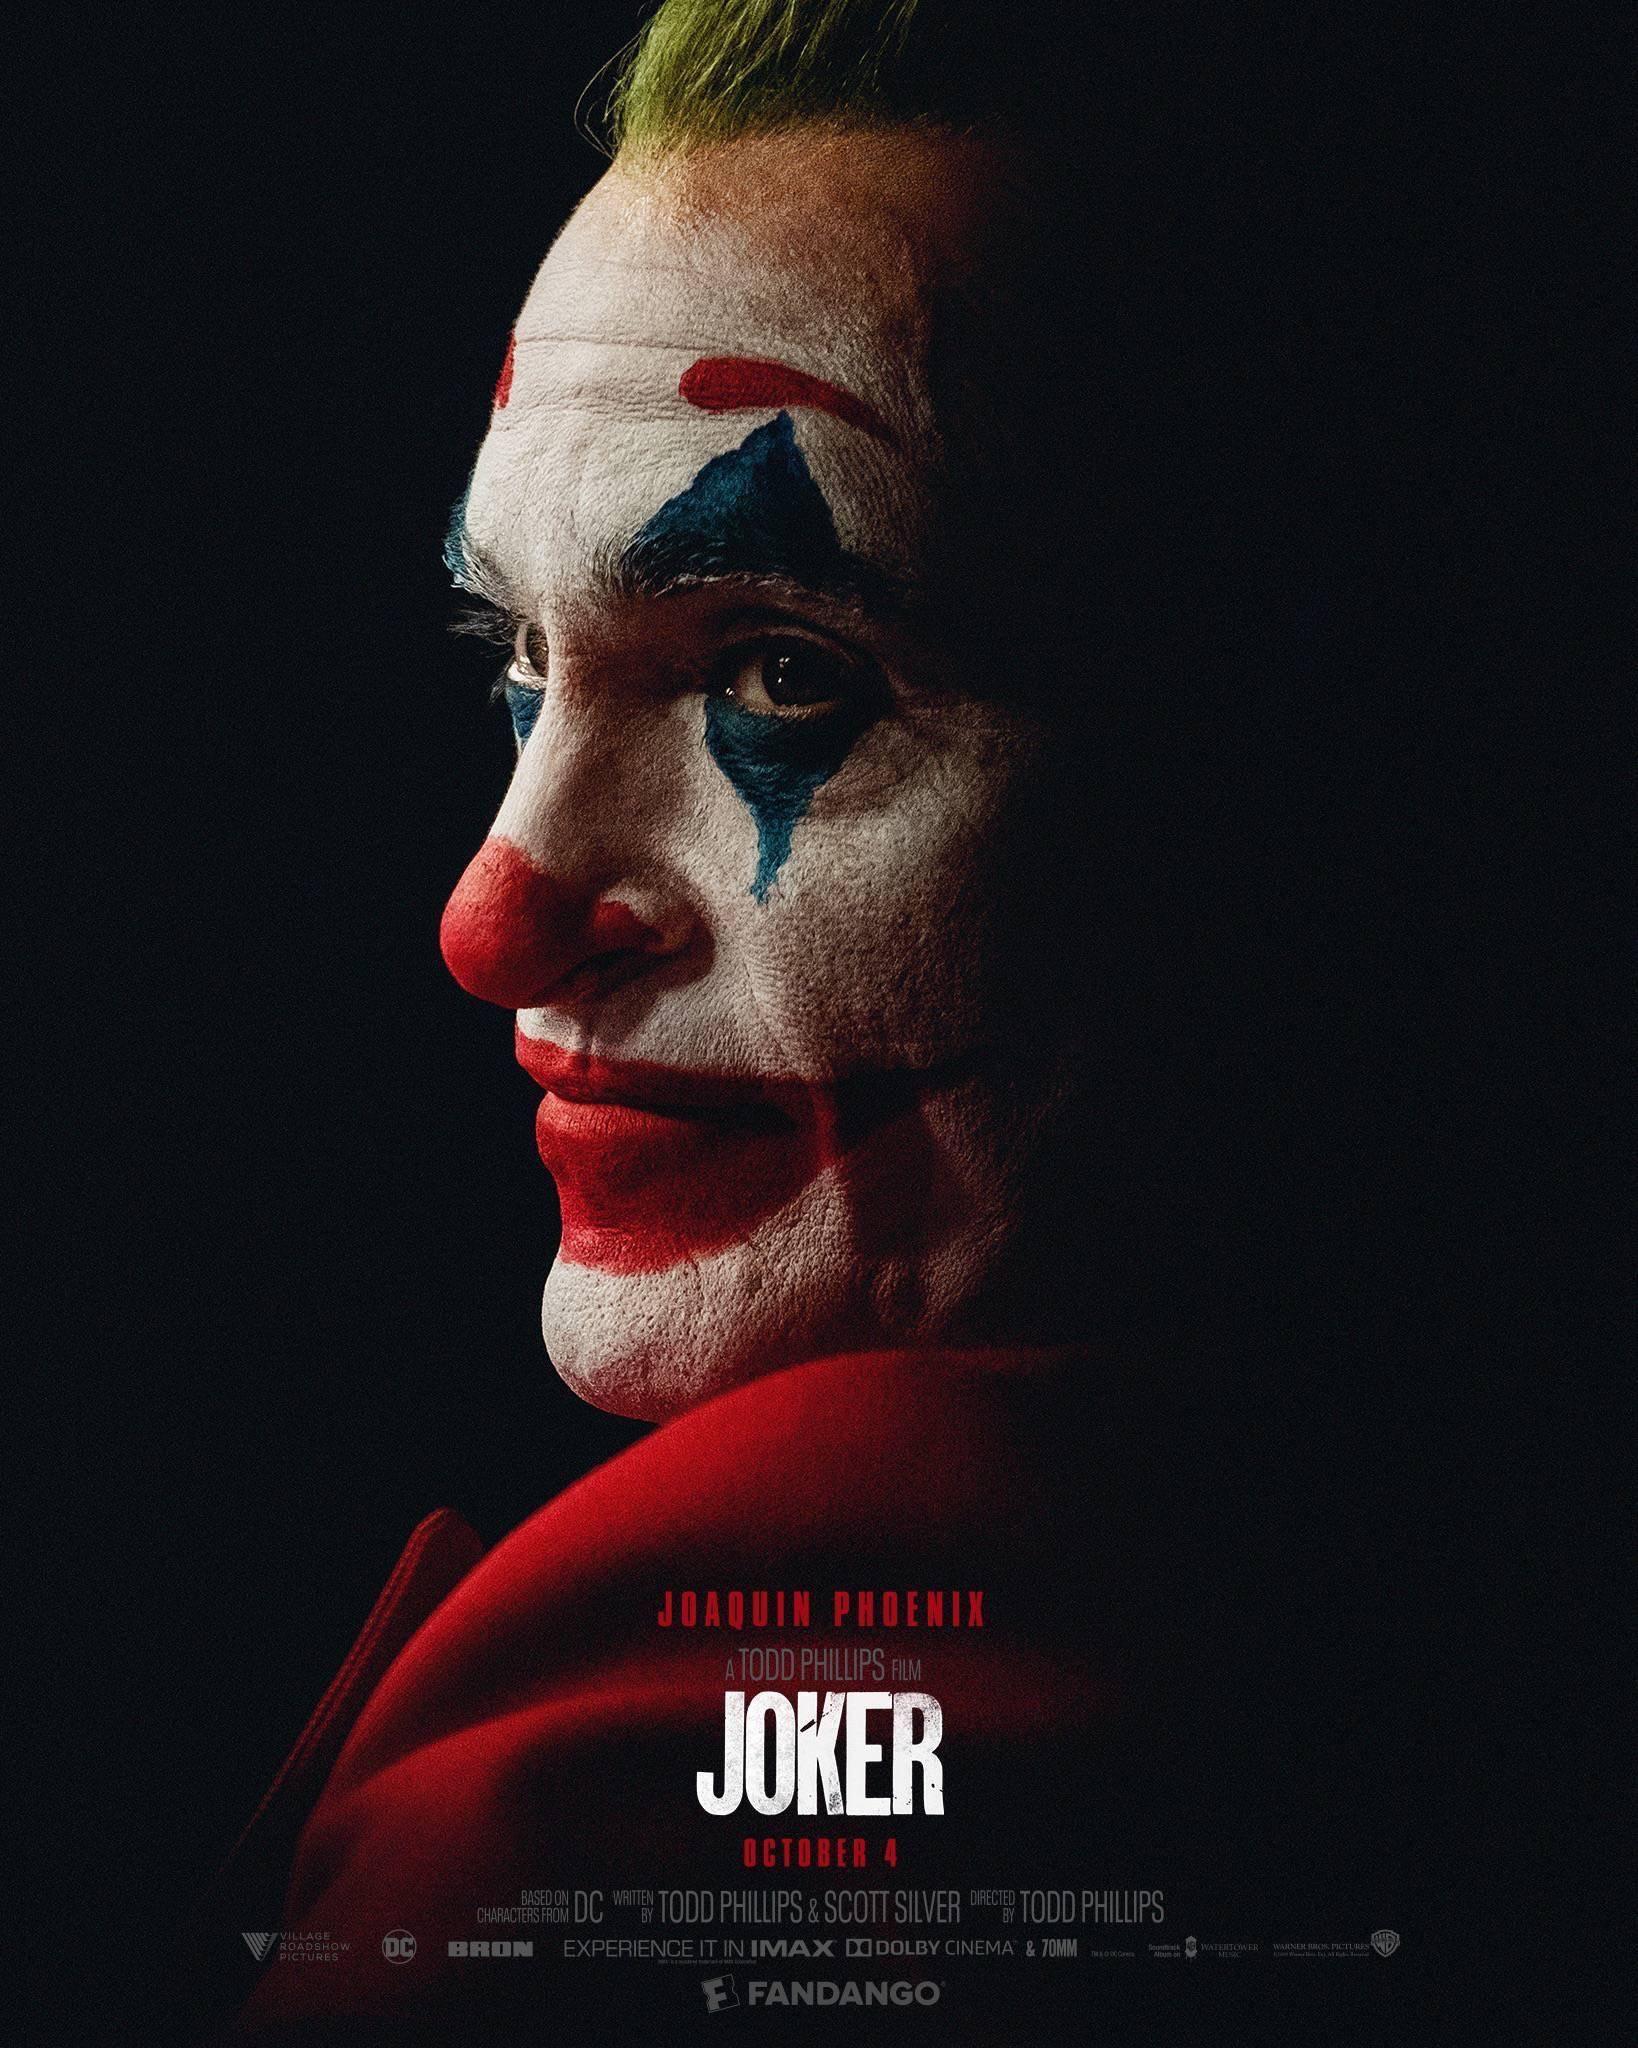 Joker 2019 Films Regarder Un Film Gratuit En Streaming En Ligne Gratuit Film Dps Joker Art Du Joker Regarder Film Gratuit